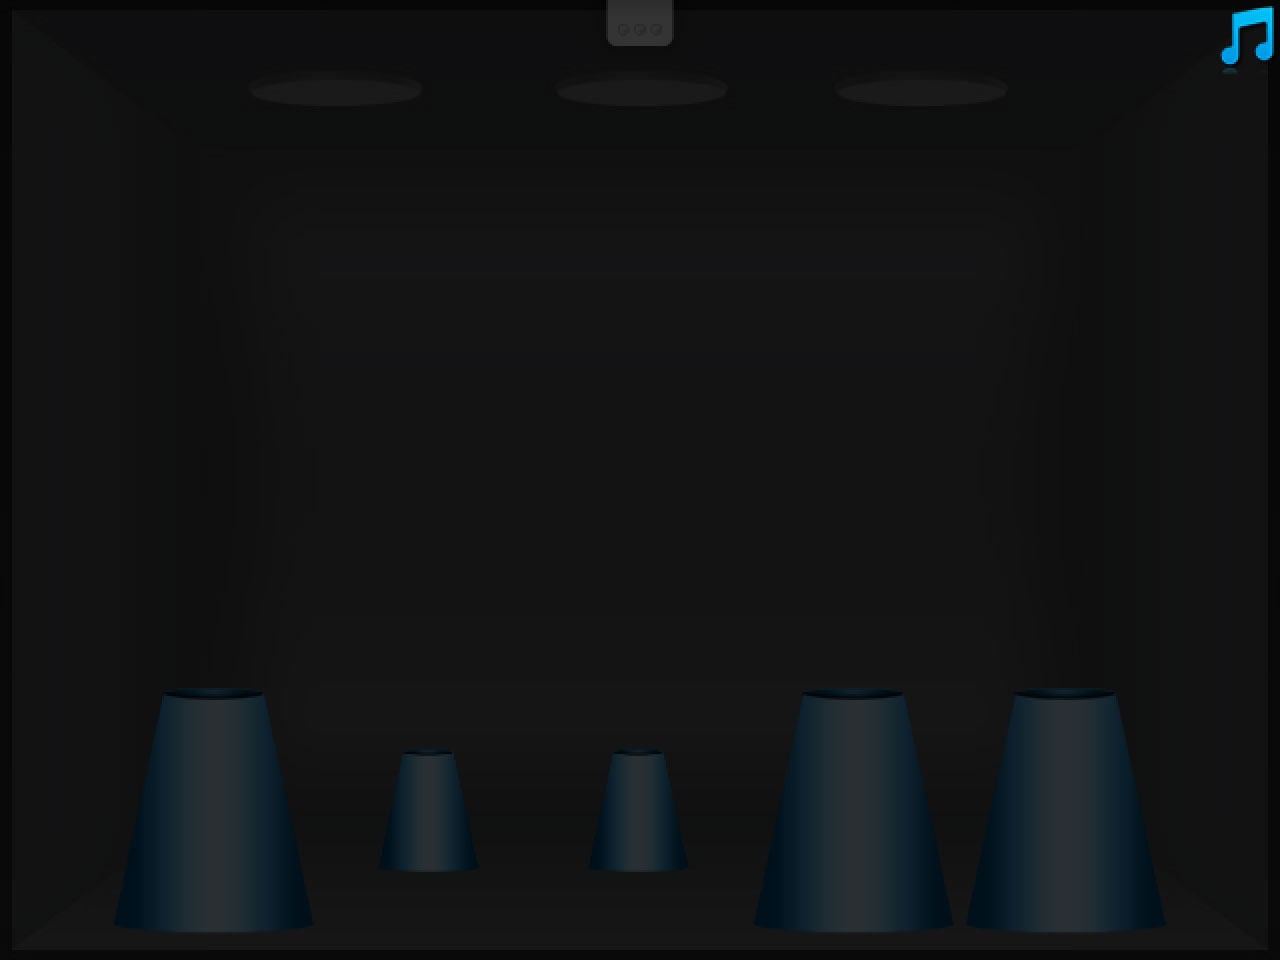 Изображение из игры Наперстки